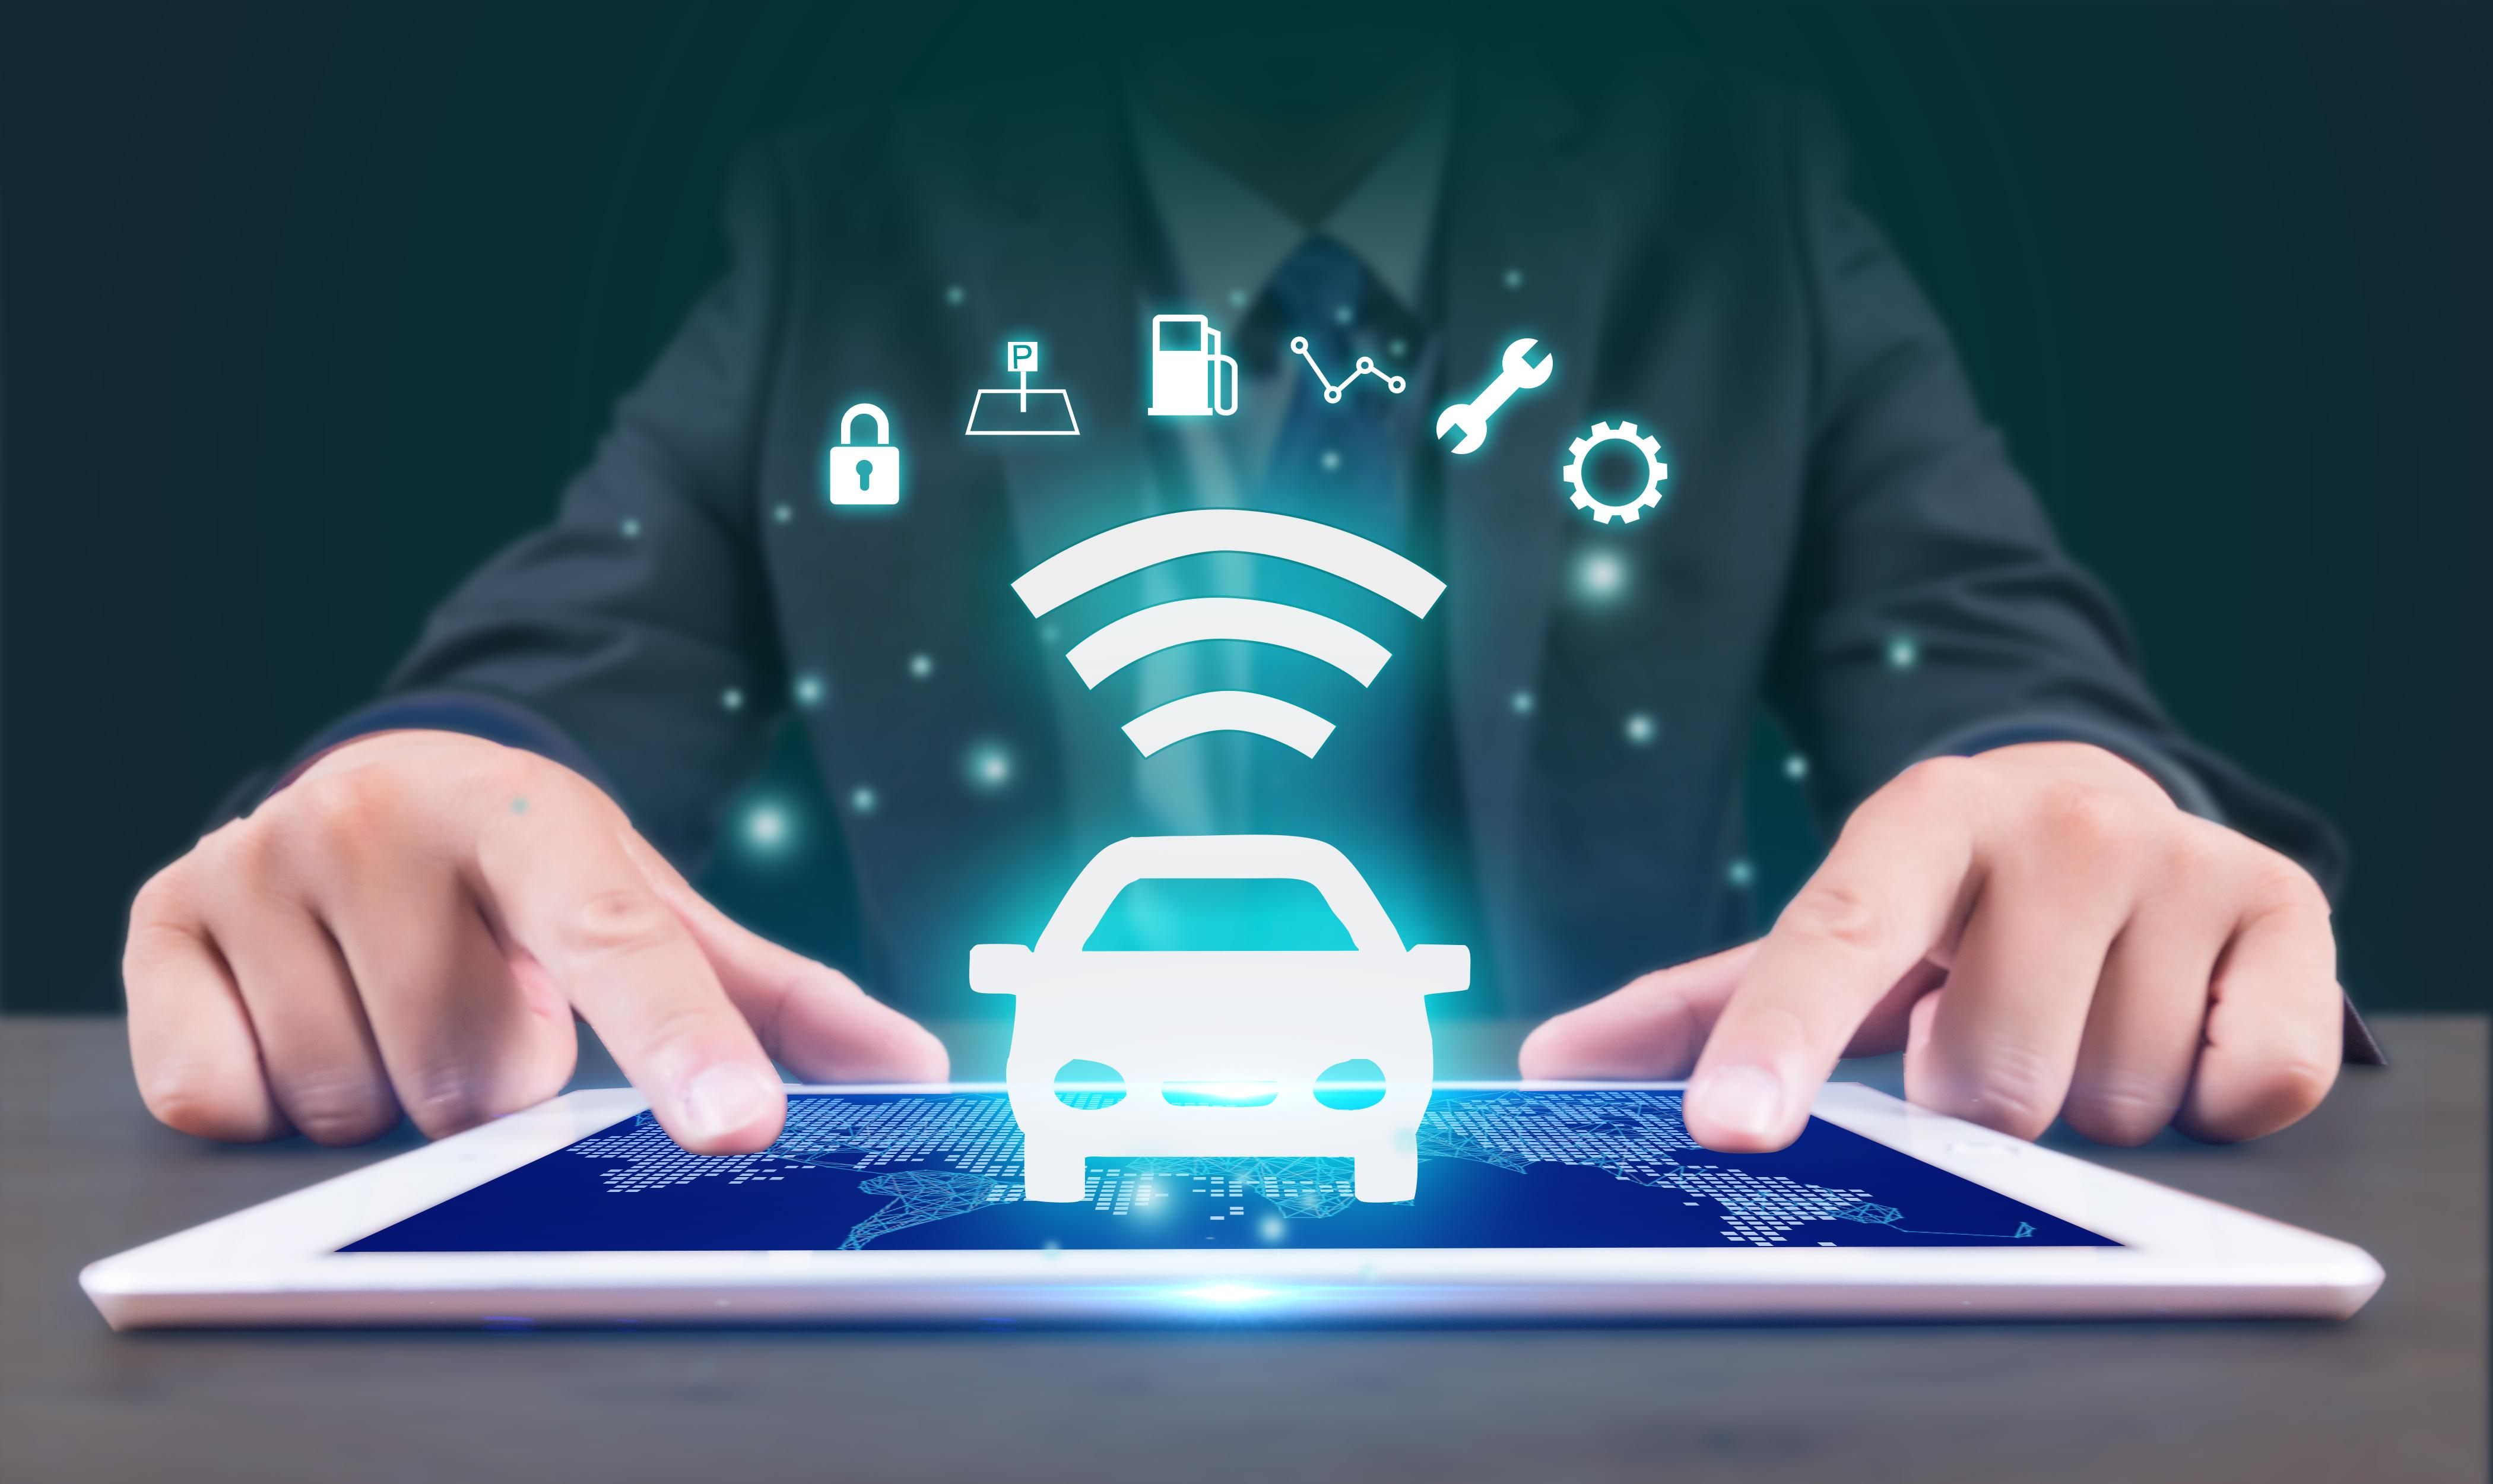 中国有3座城市推出常态化运营的5G无人公交